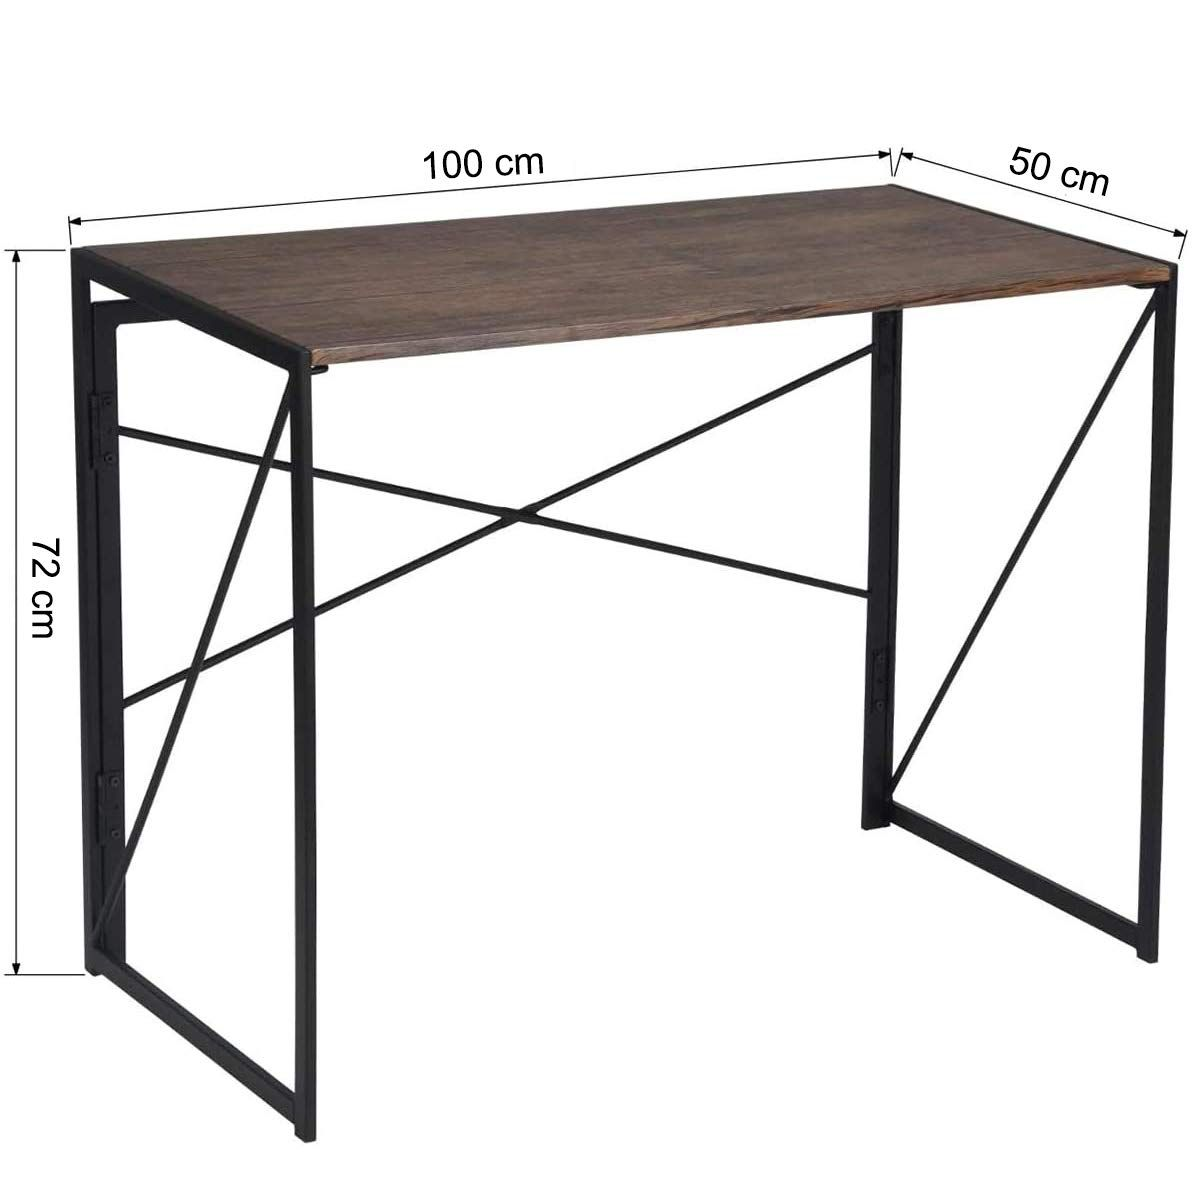 Coavas Klappbar Konferenztisch Buro Arbeitstisch Schreibtisch Keine Montage Pc Tisch Industrial Style Klapp Laptop Tisch F Arbeitstisch Konferenztisch Pc Tisch